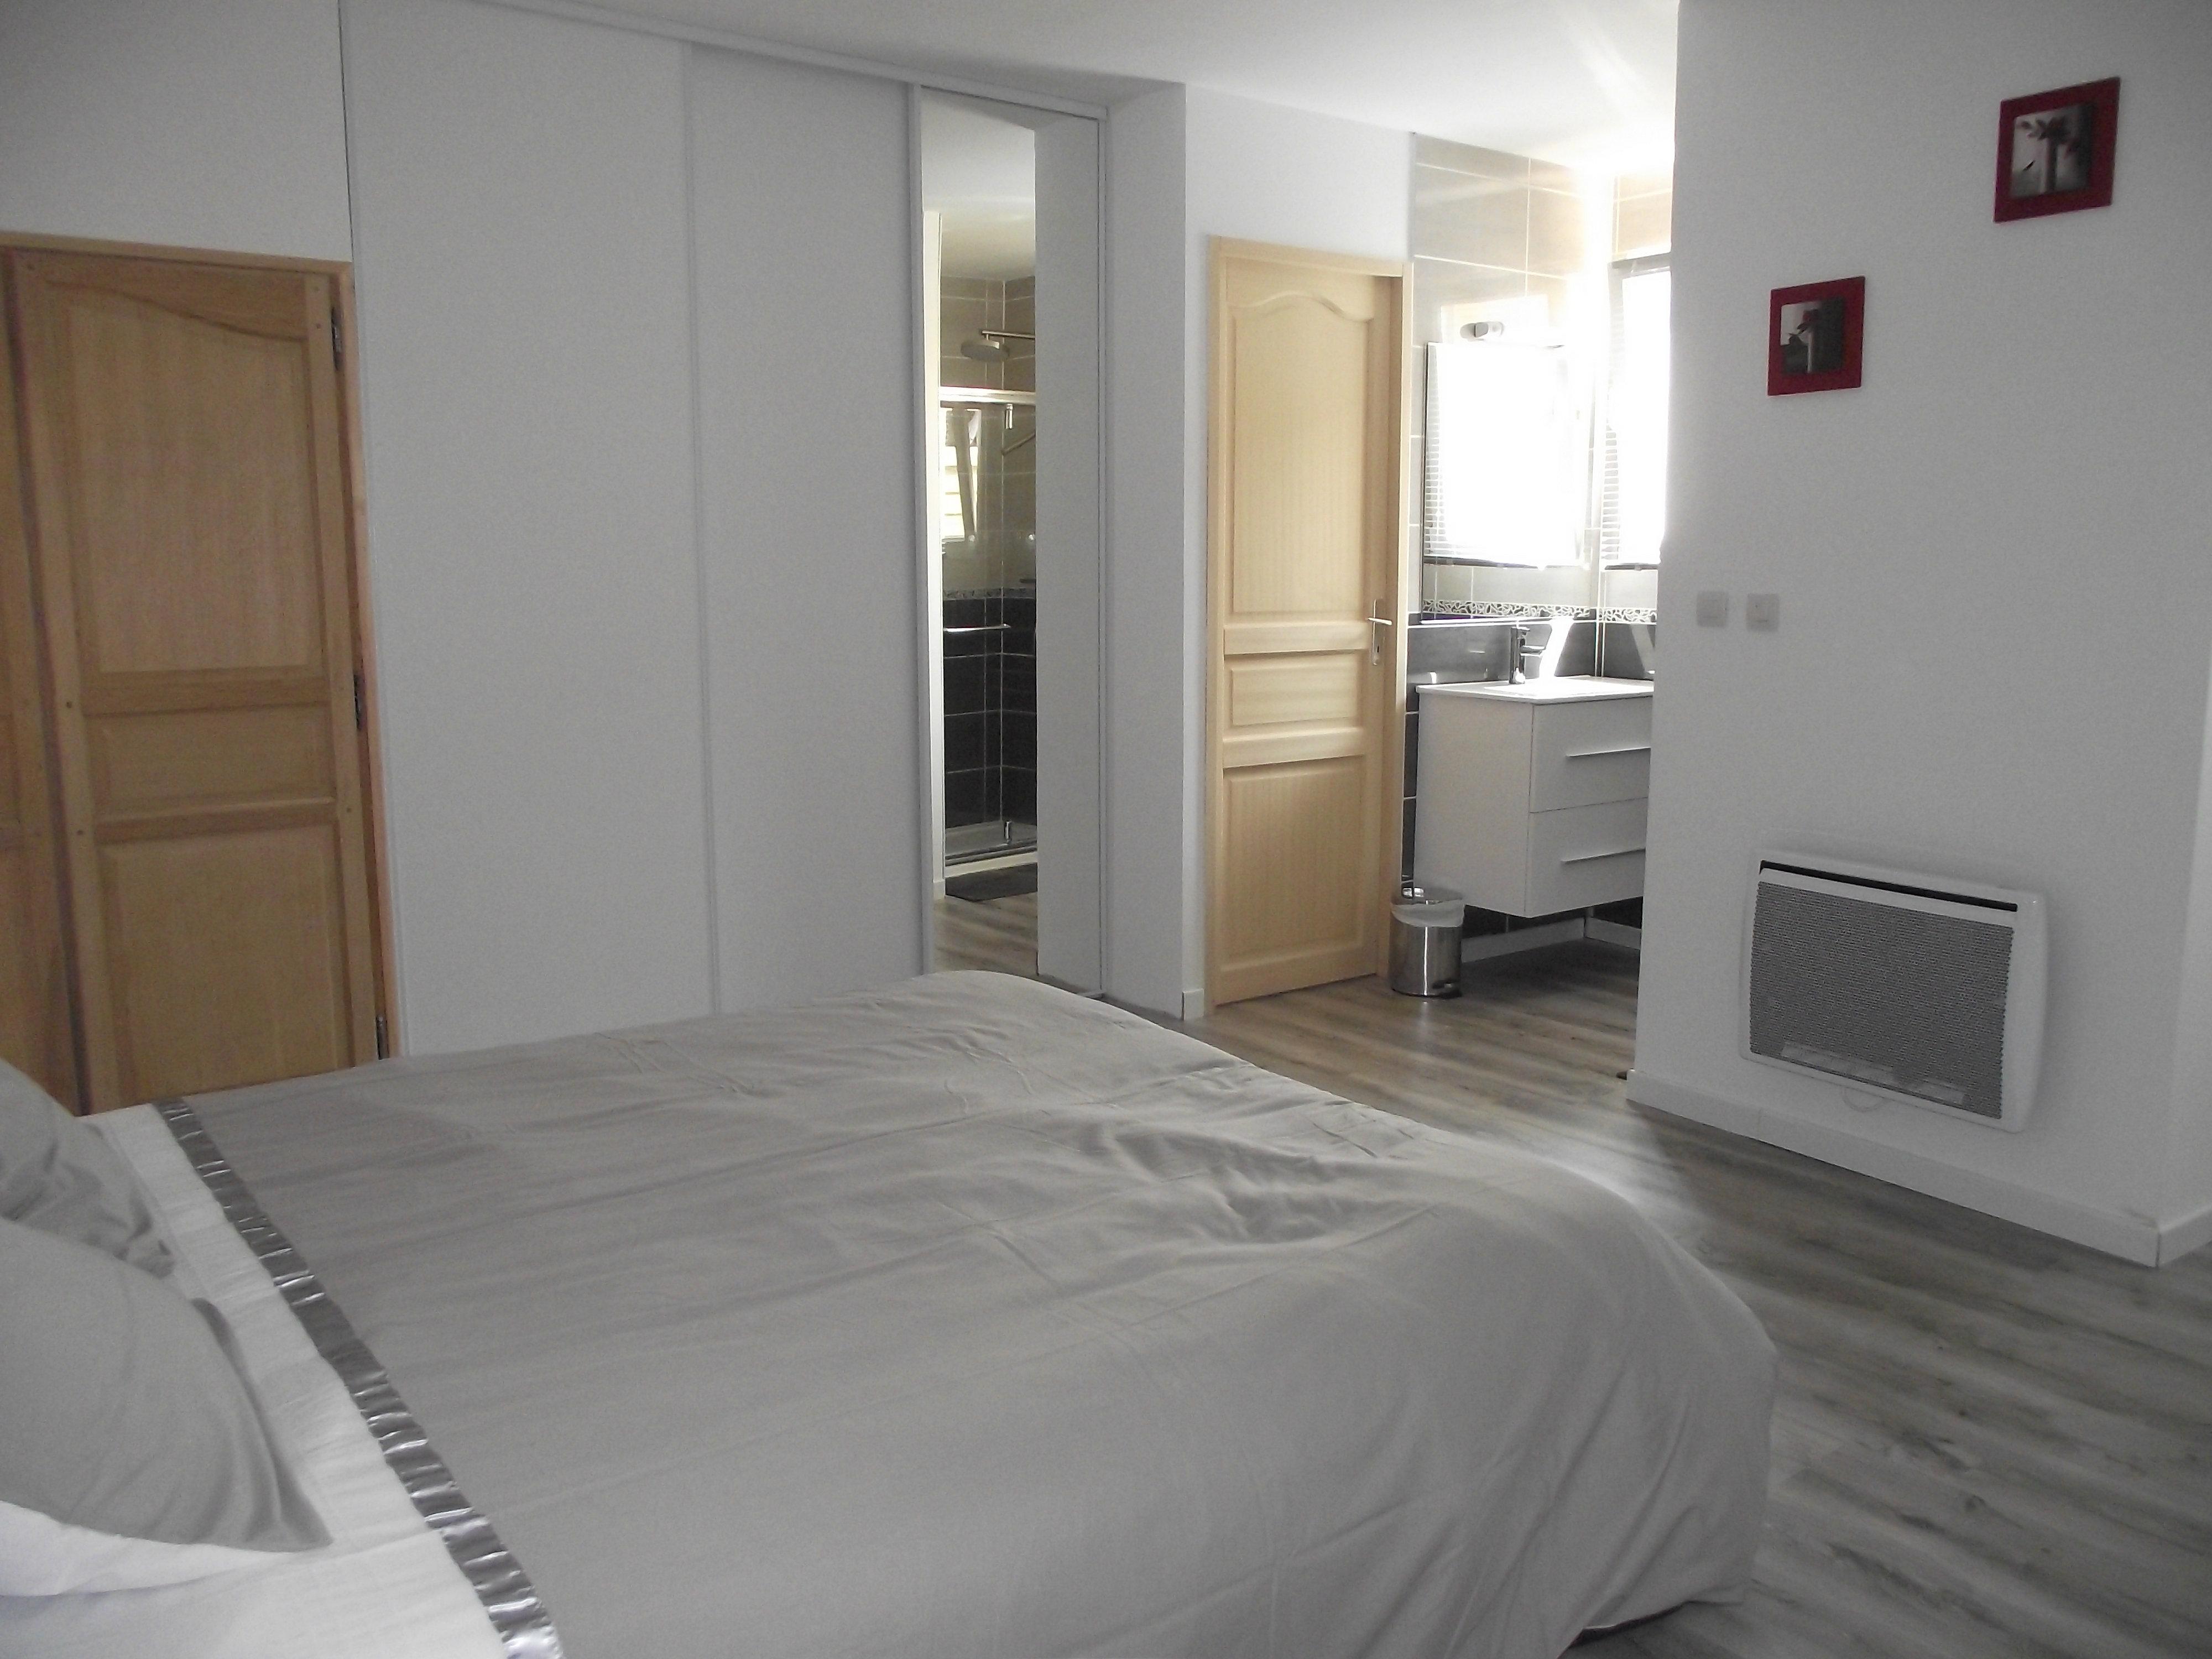 location g tes epargnes charente maritime domaine poncereau de bas chambre avec coin douche. Black Bedroom Furniture Sets. Home Design Ideas